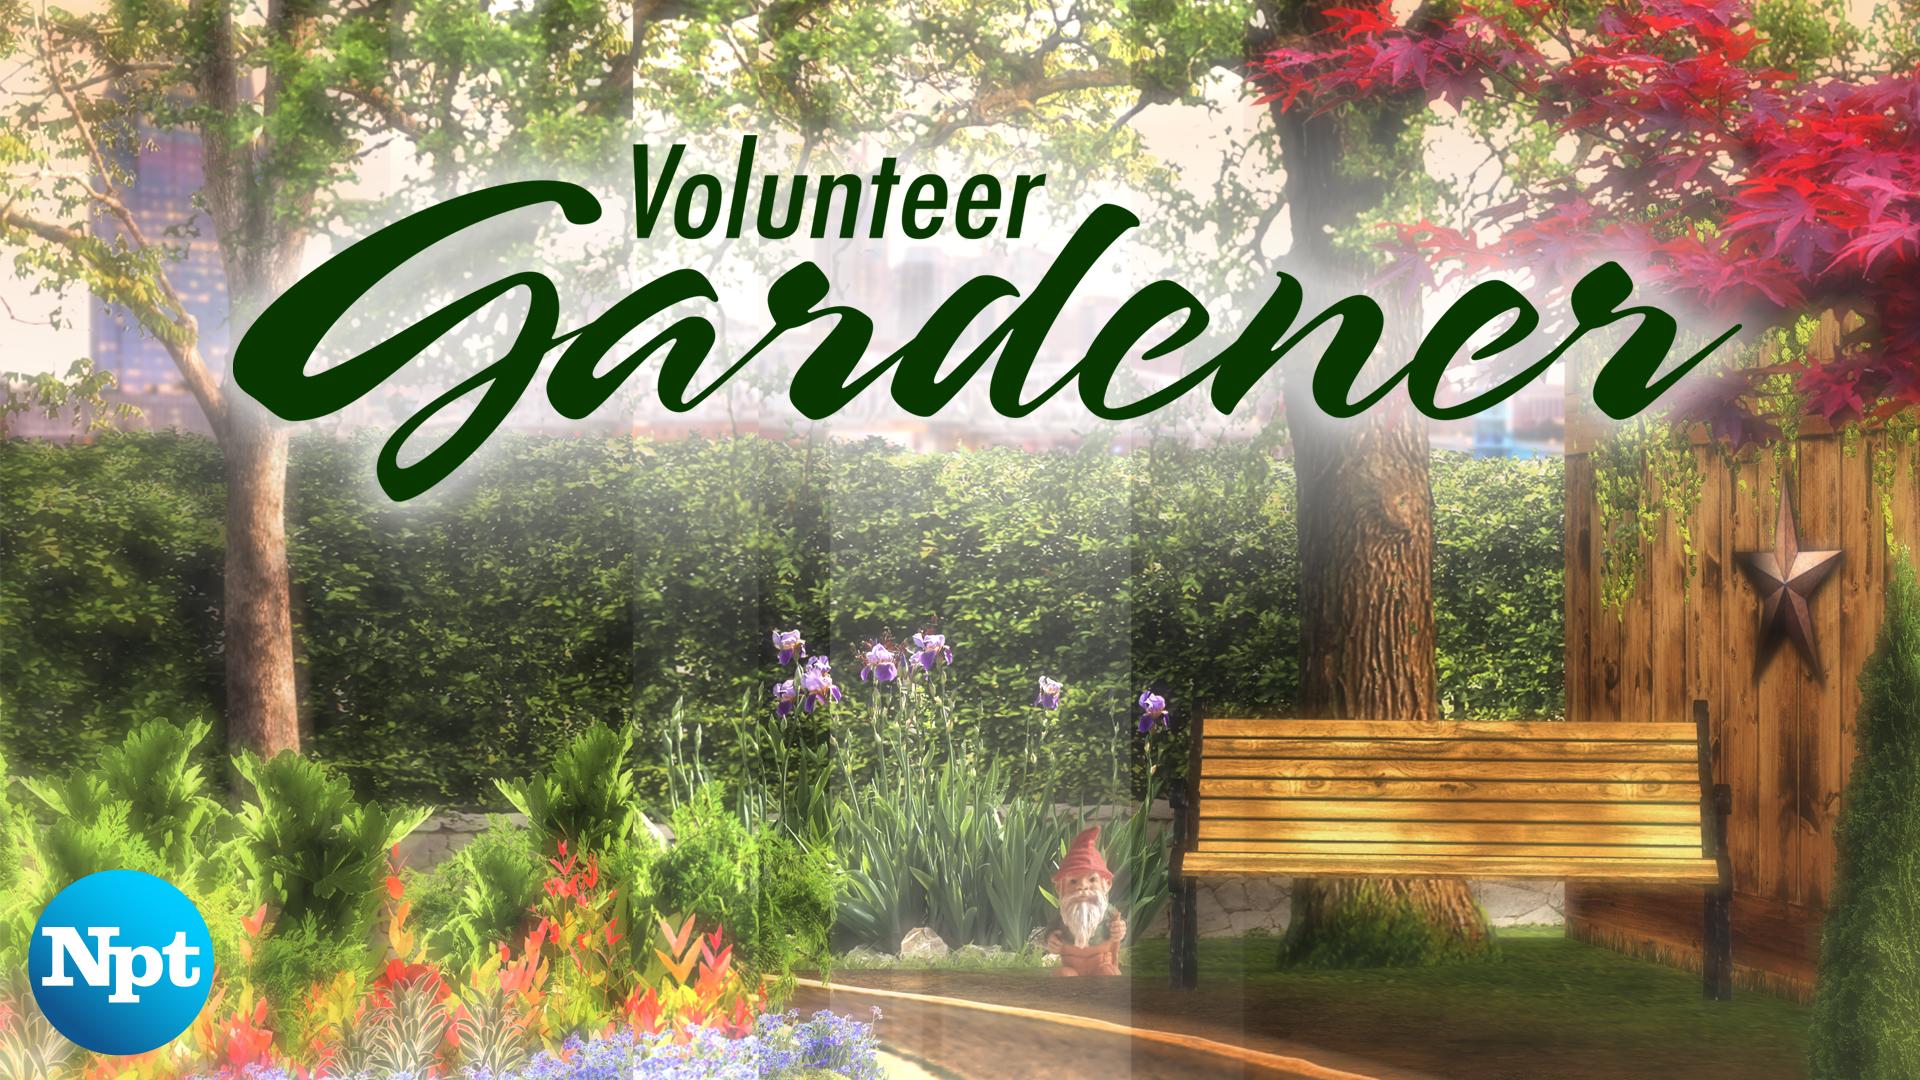 Volunteer Gardener NPT